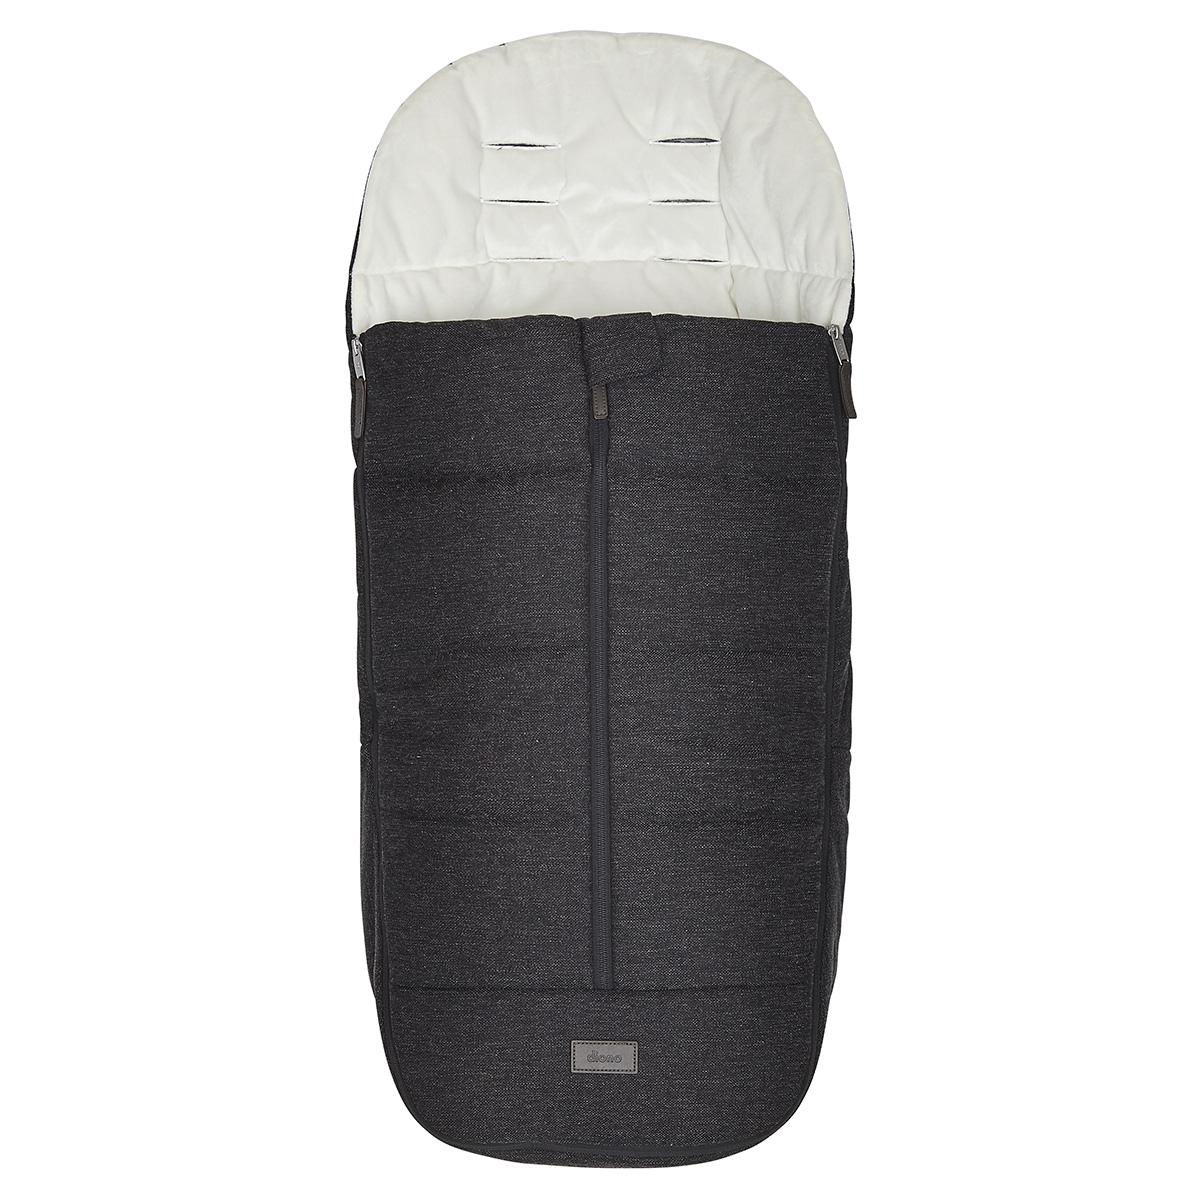 Image of   Diono kørepose - All Weather Classic - Mørkegrå